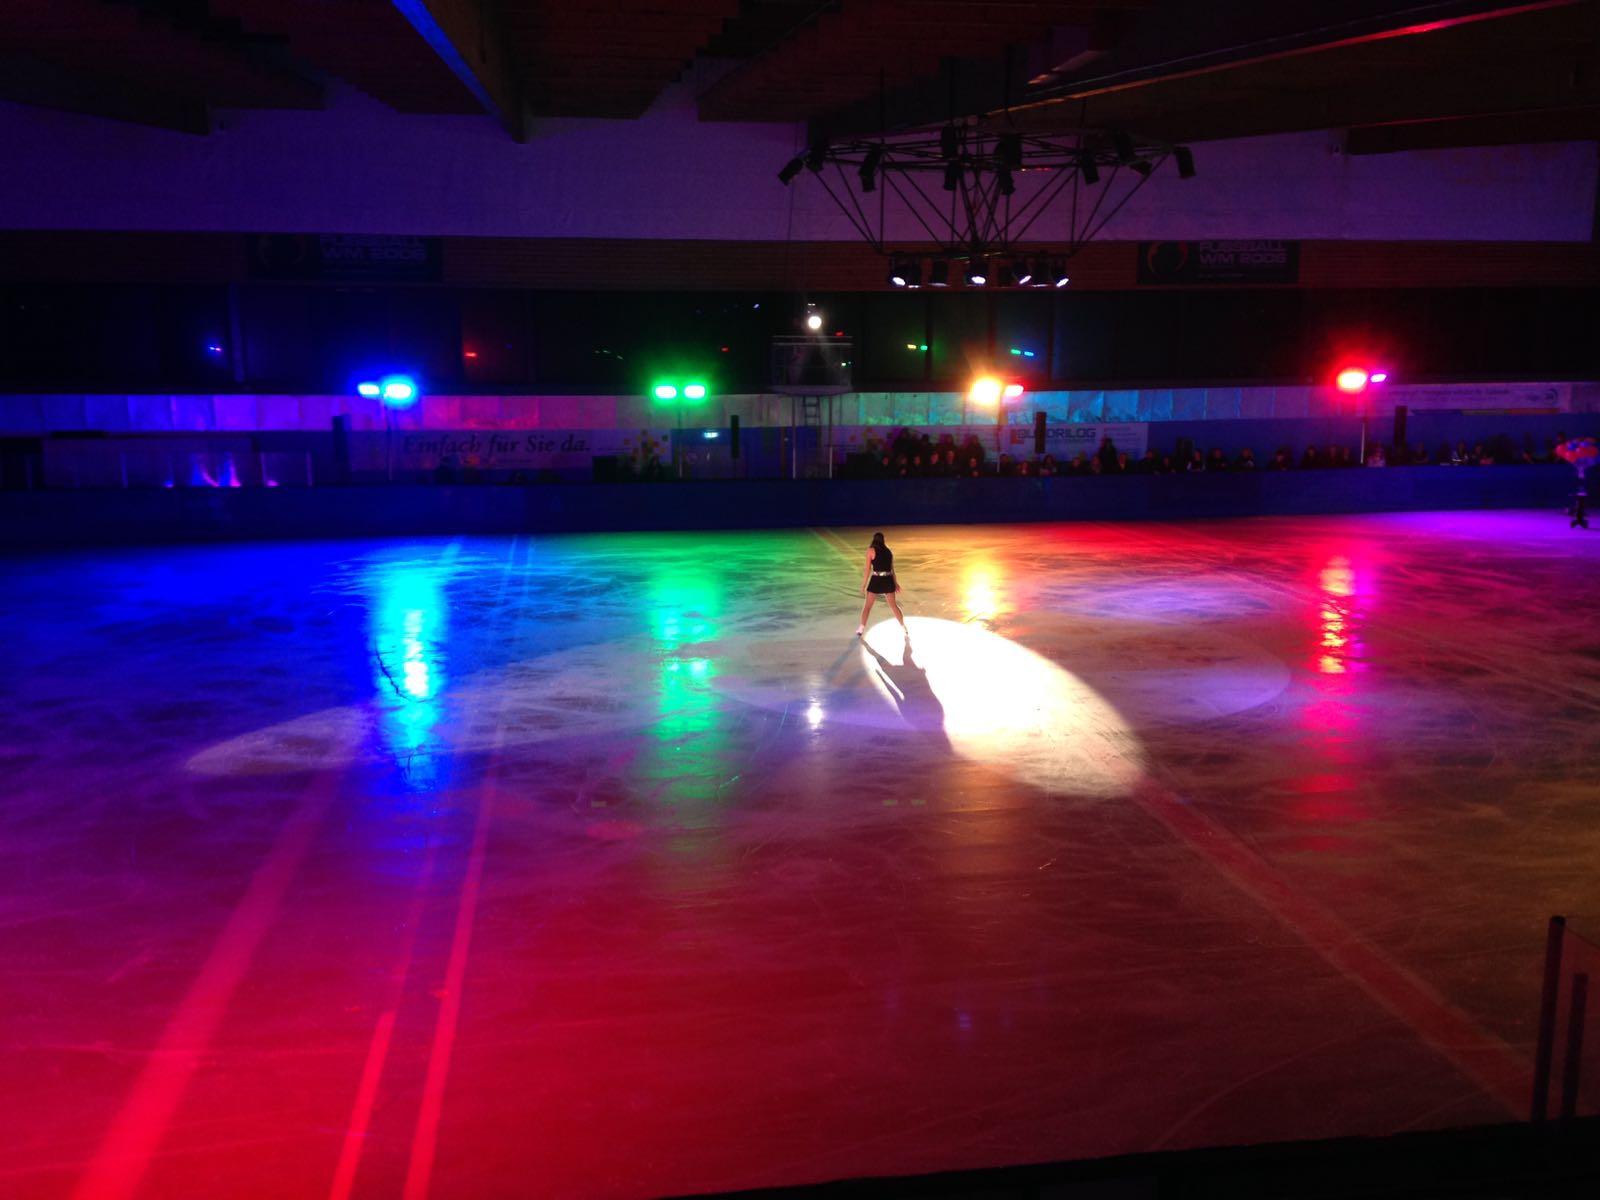 36. Weihnachtszauber Eiskunstlauf 2016 - Lichttechnik